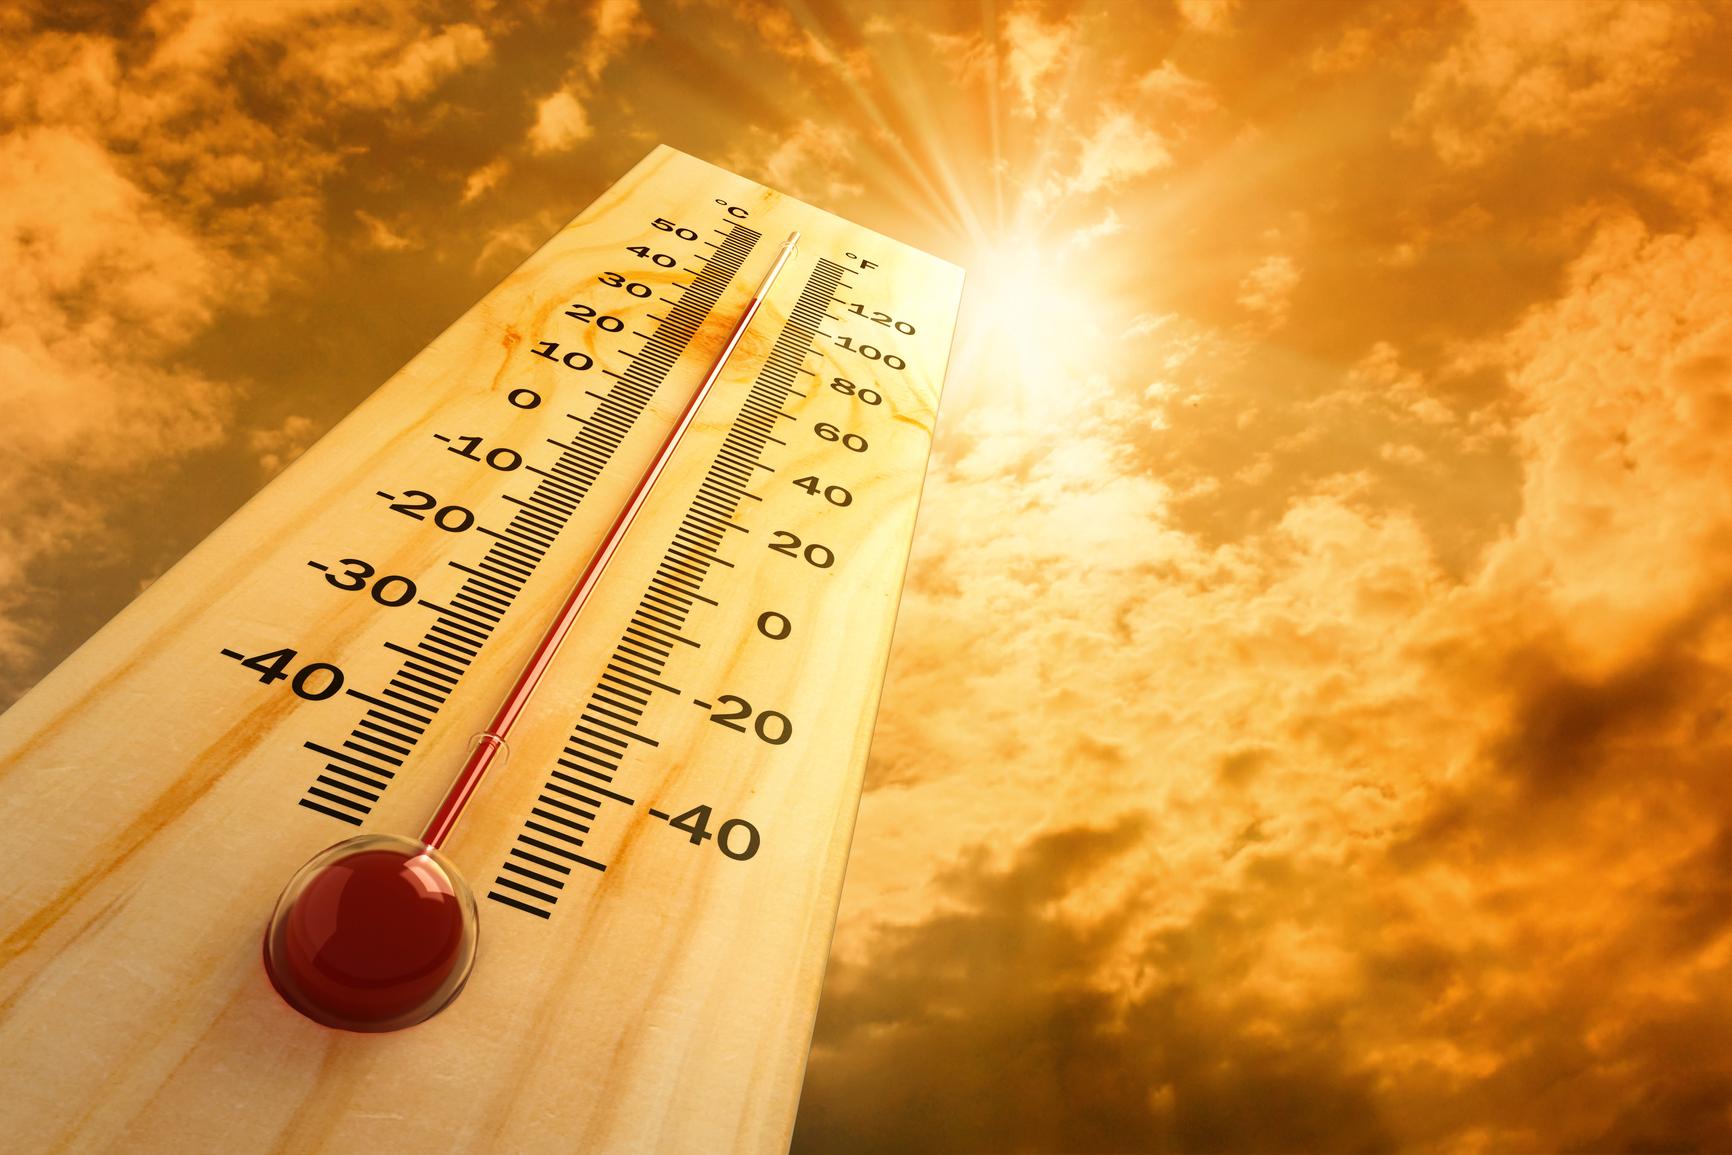 الطقس حار بمناطق، ومستقر بأخرى اليوم الأربعاء